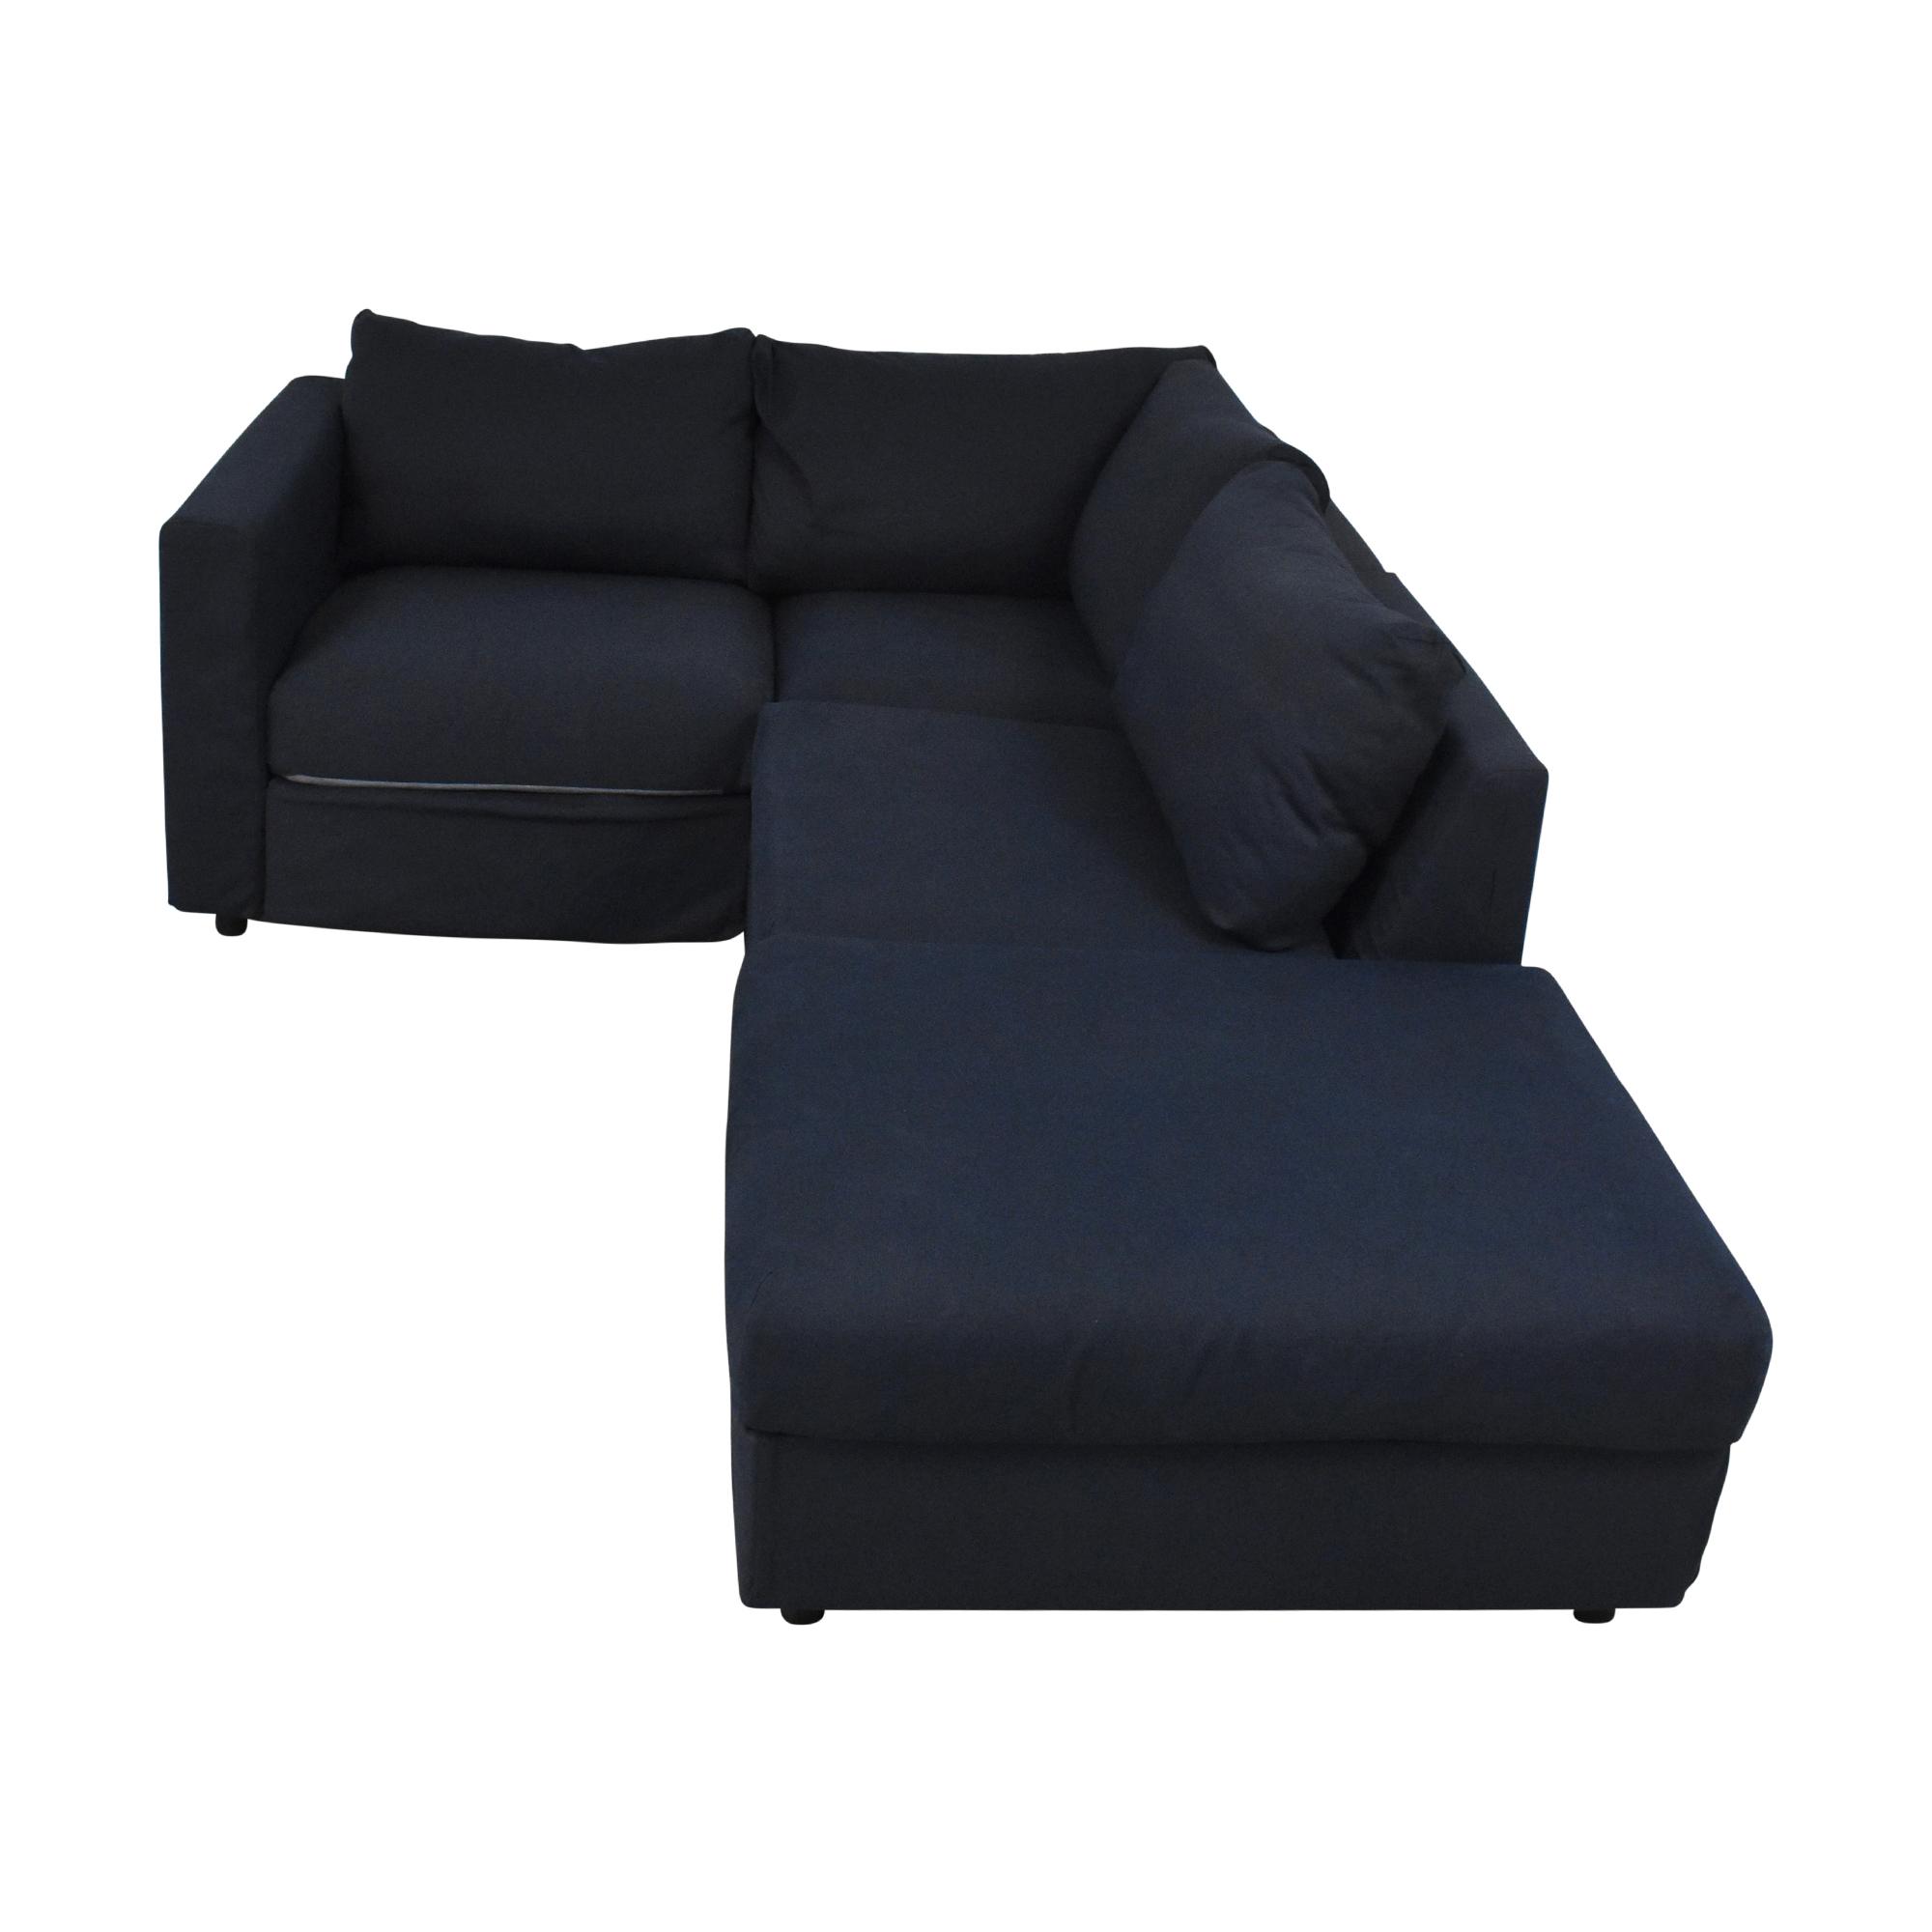 IKEA IKEA VIMLE Sectional Sofa nj